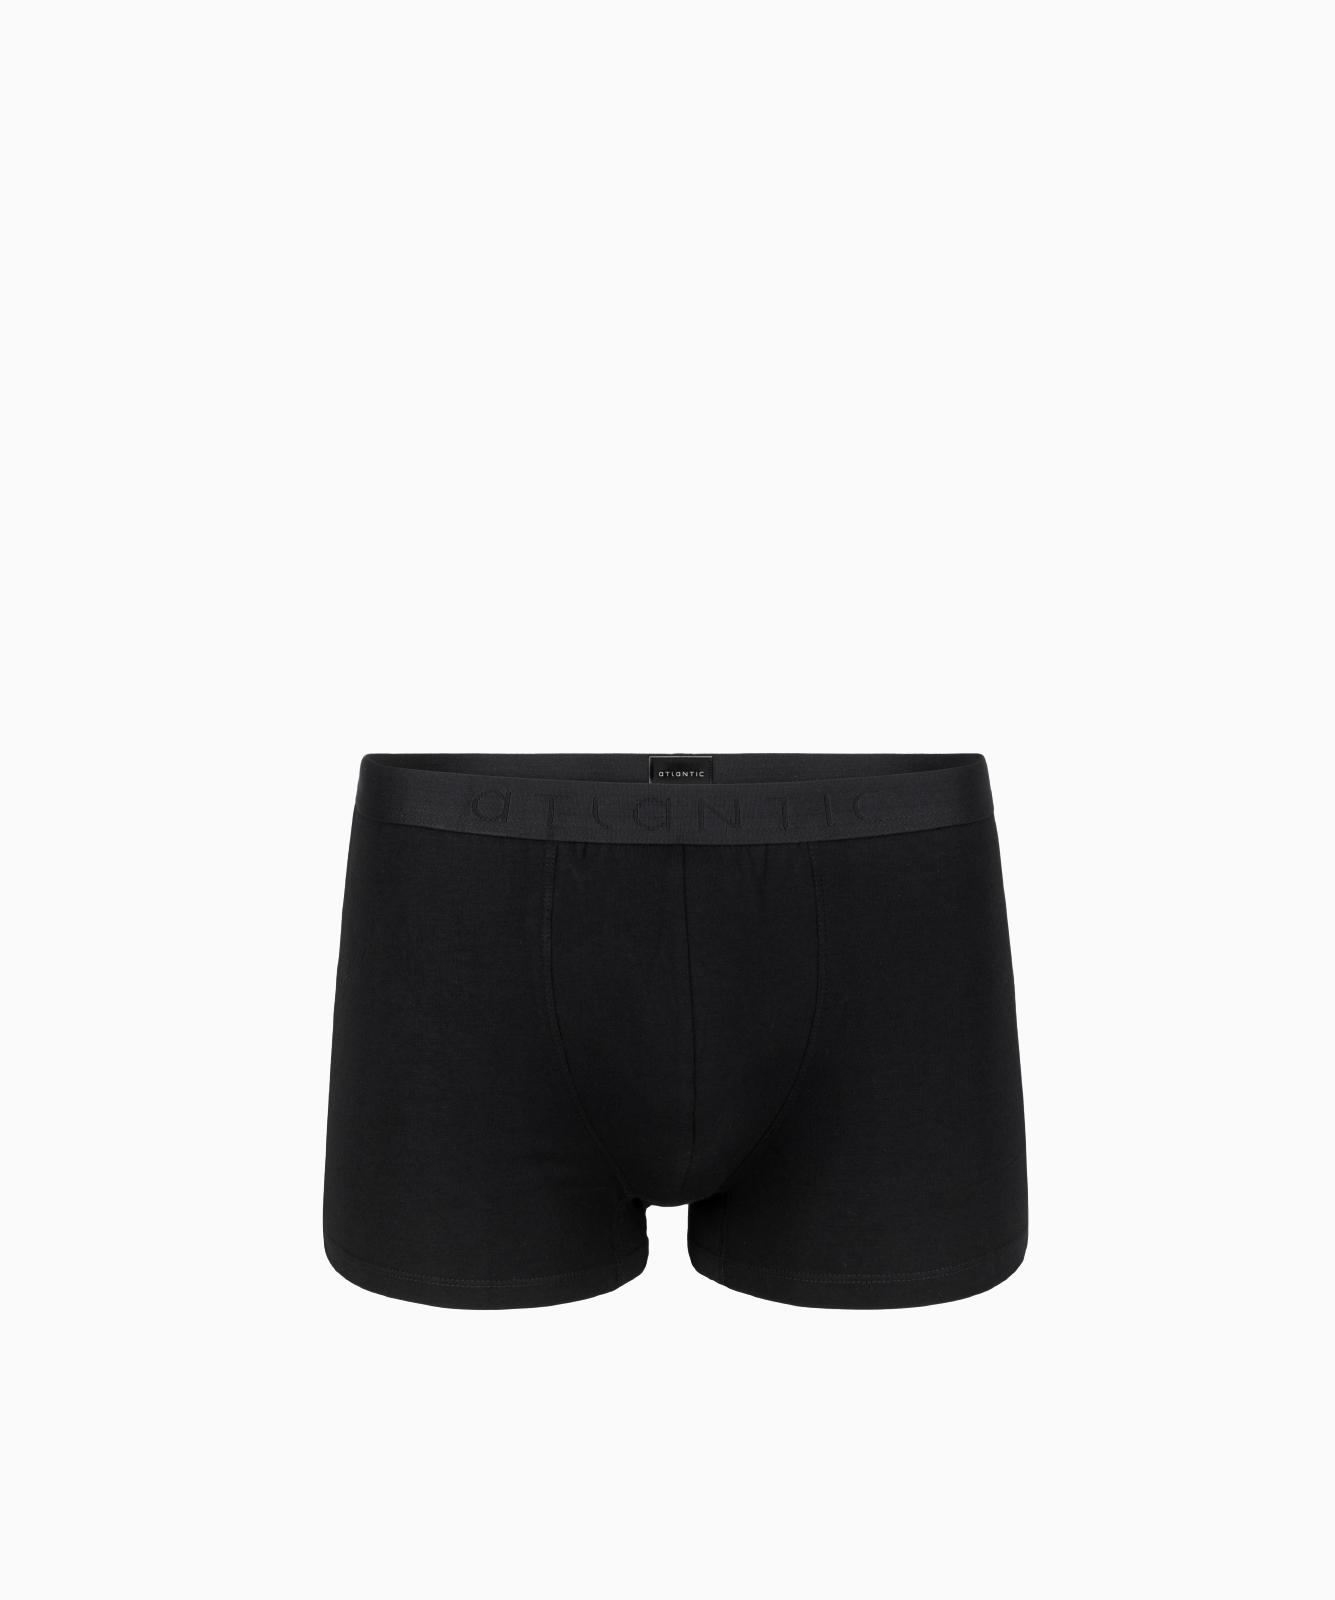 Мужские трусы шорты Atlantic, 1 шт. в уп., хлопок, черные, Basic BMH-018